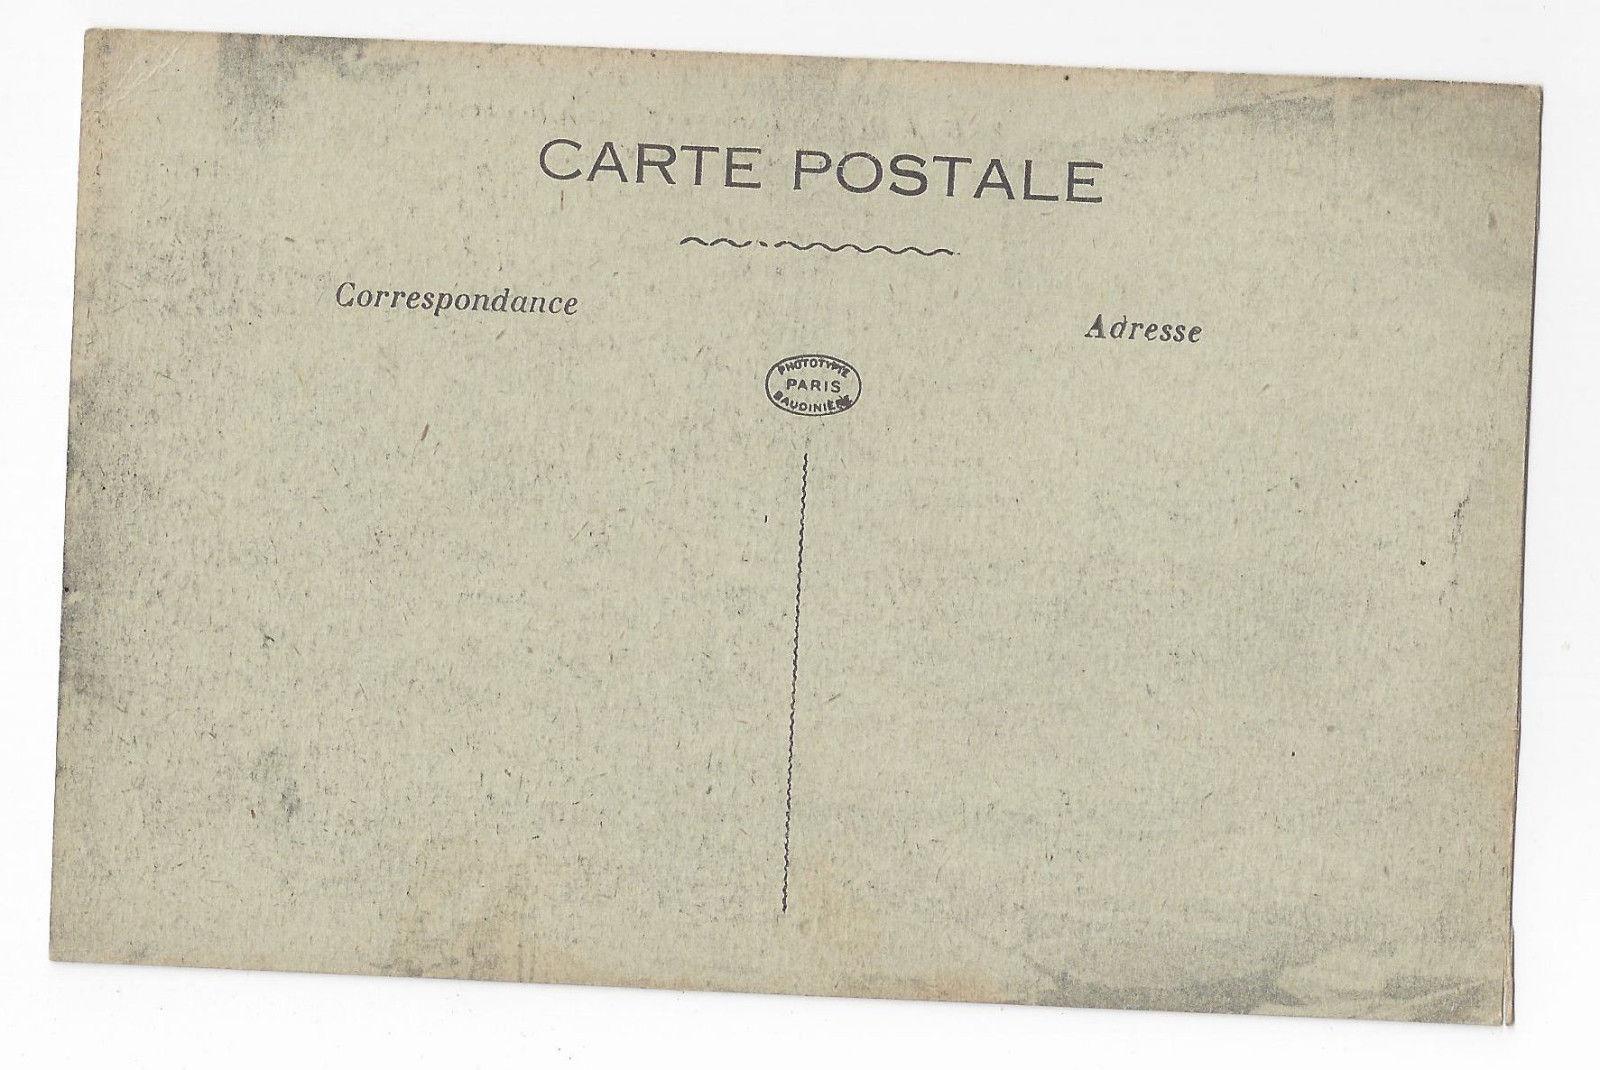 WWI France Bar Le Duc Bouldevard Rochelle Bus Truck c 1918 Postcard